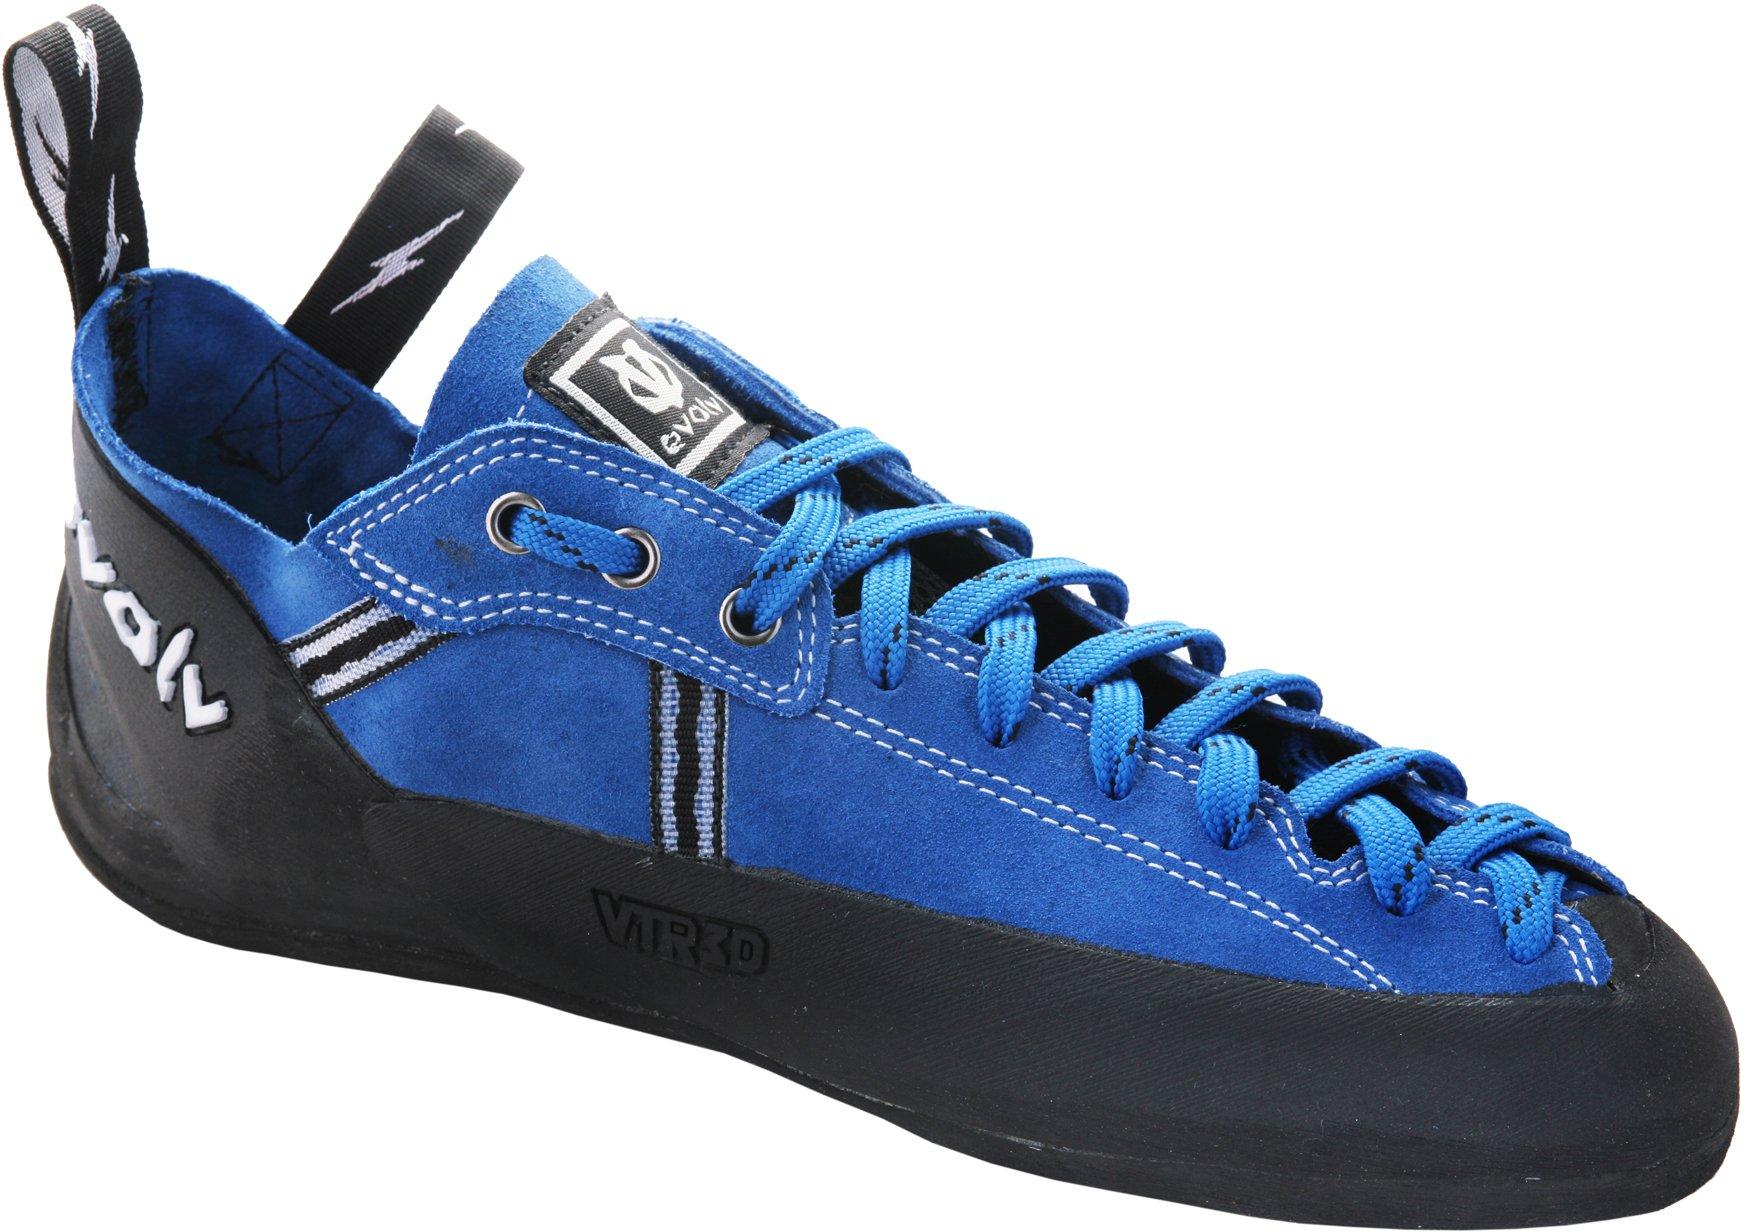 Evolv Men's Royale Climbing Shoe,Royal Blue,9 M US